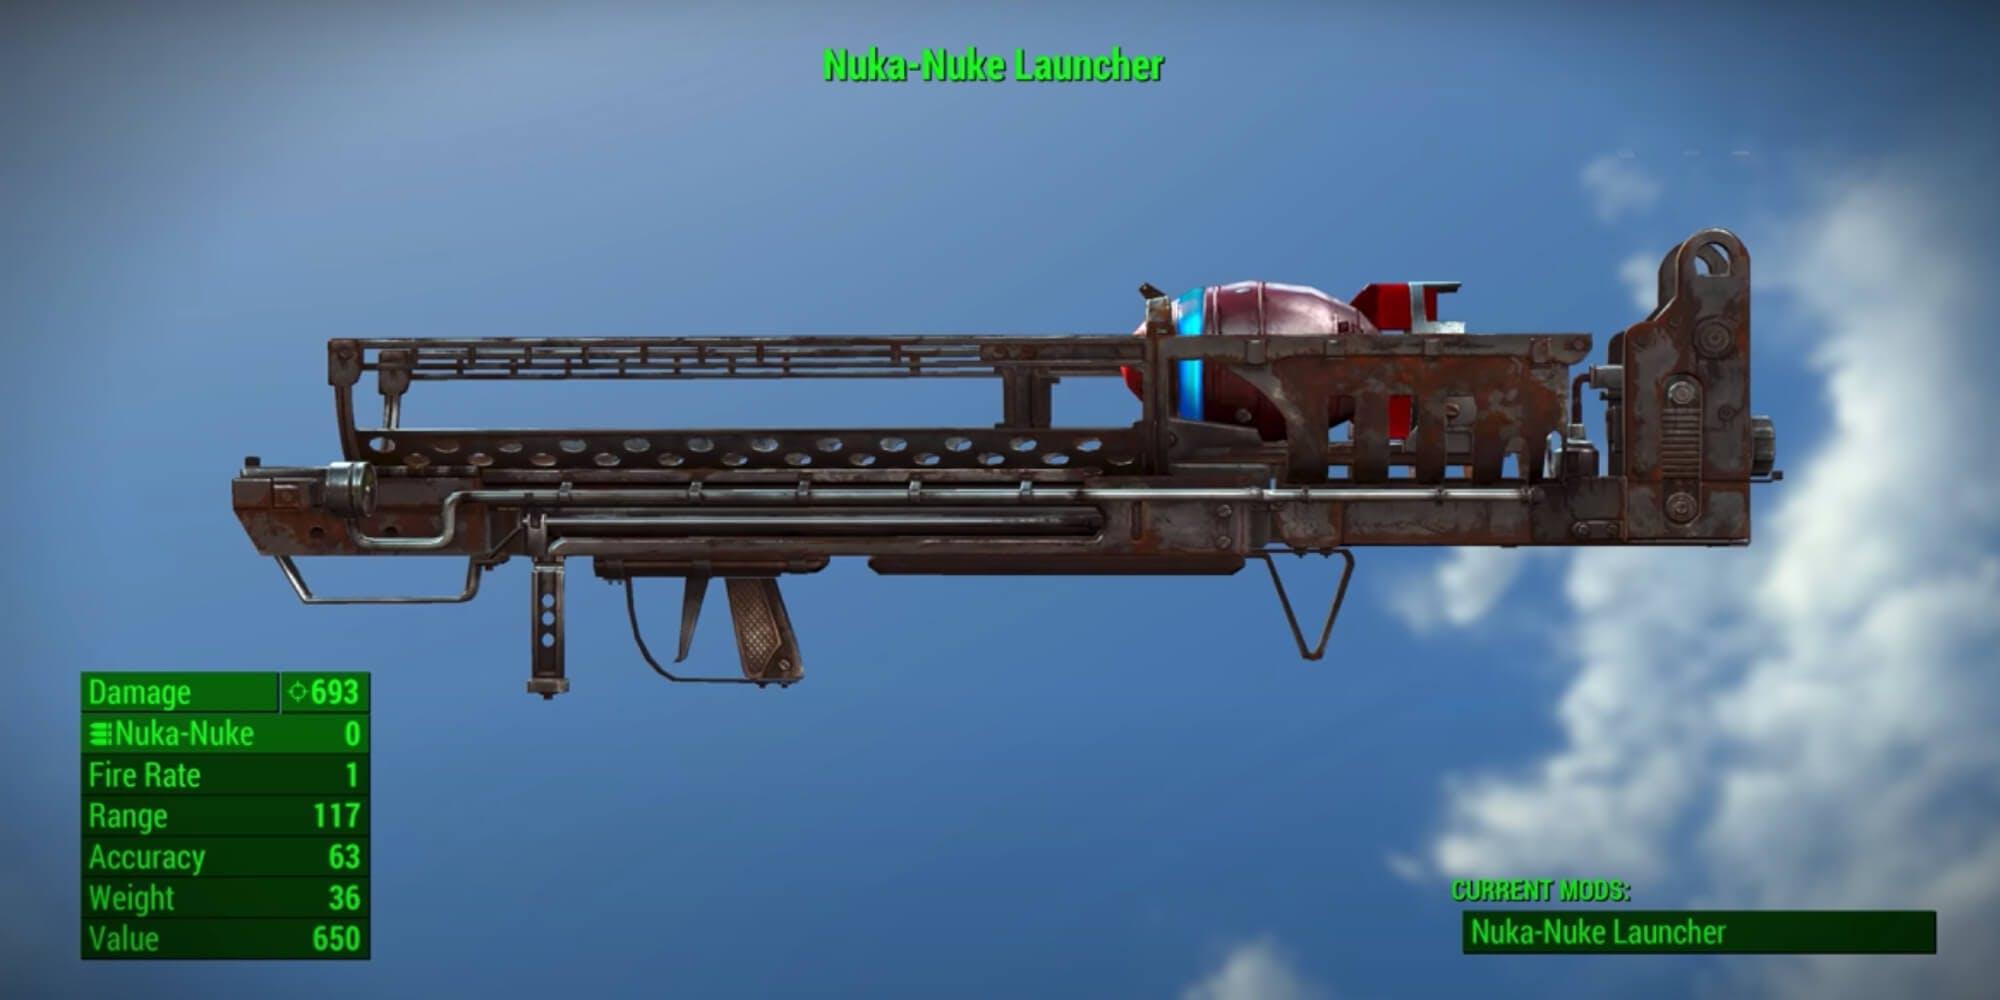 Fallout 4 - Nuka-Nuke